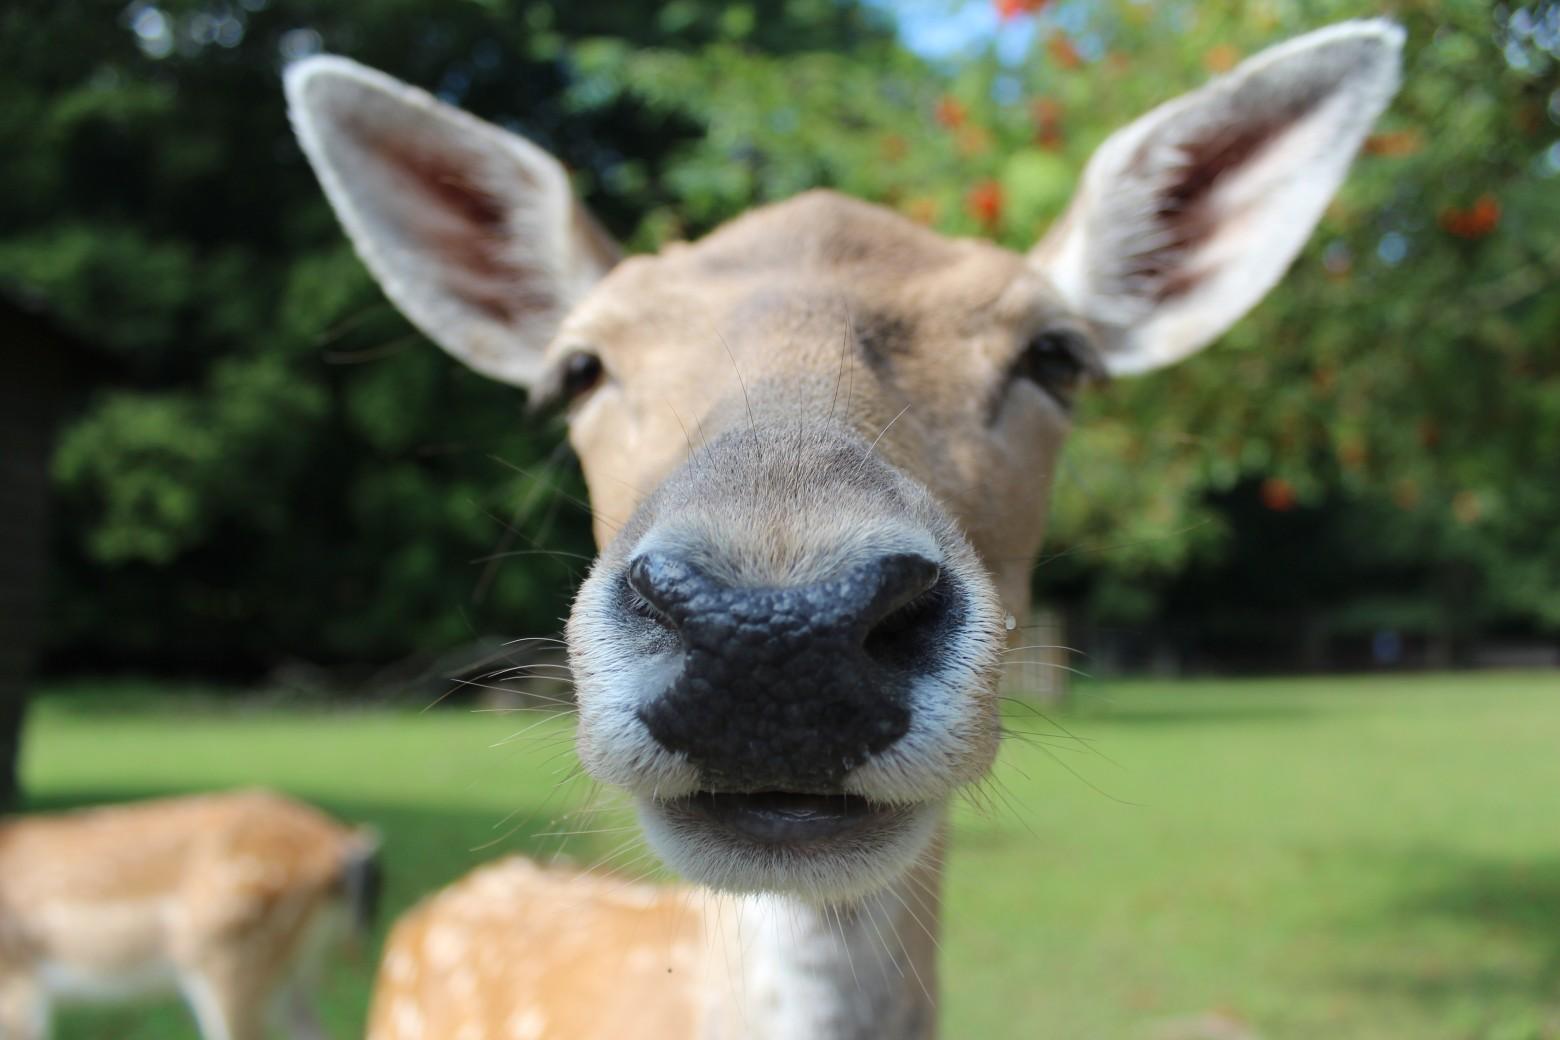 Daim animaux sauvages la faune images photos gratuites - Images d animaux sauvages gratuites ...